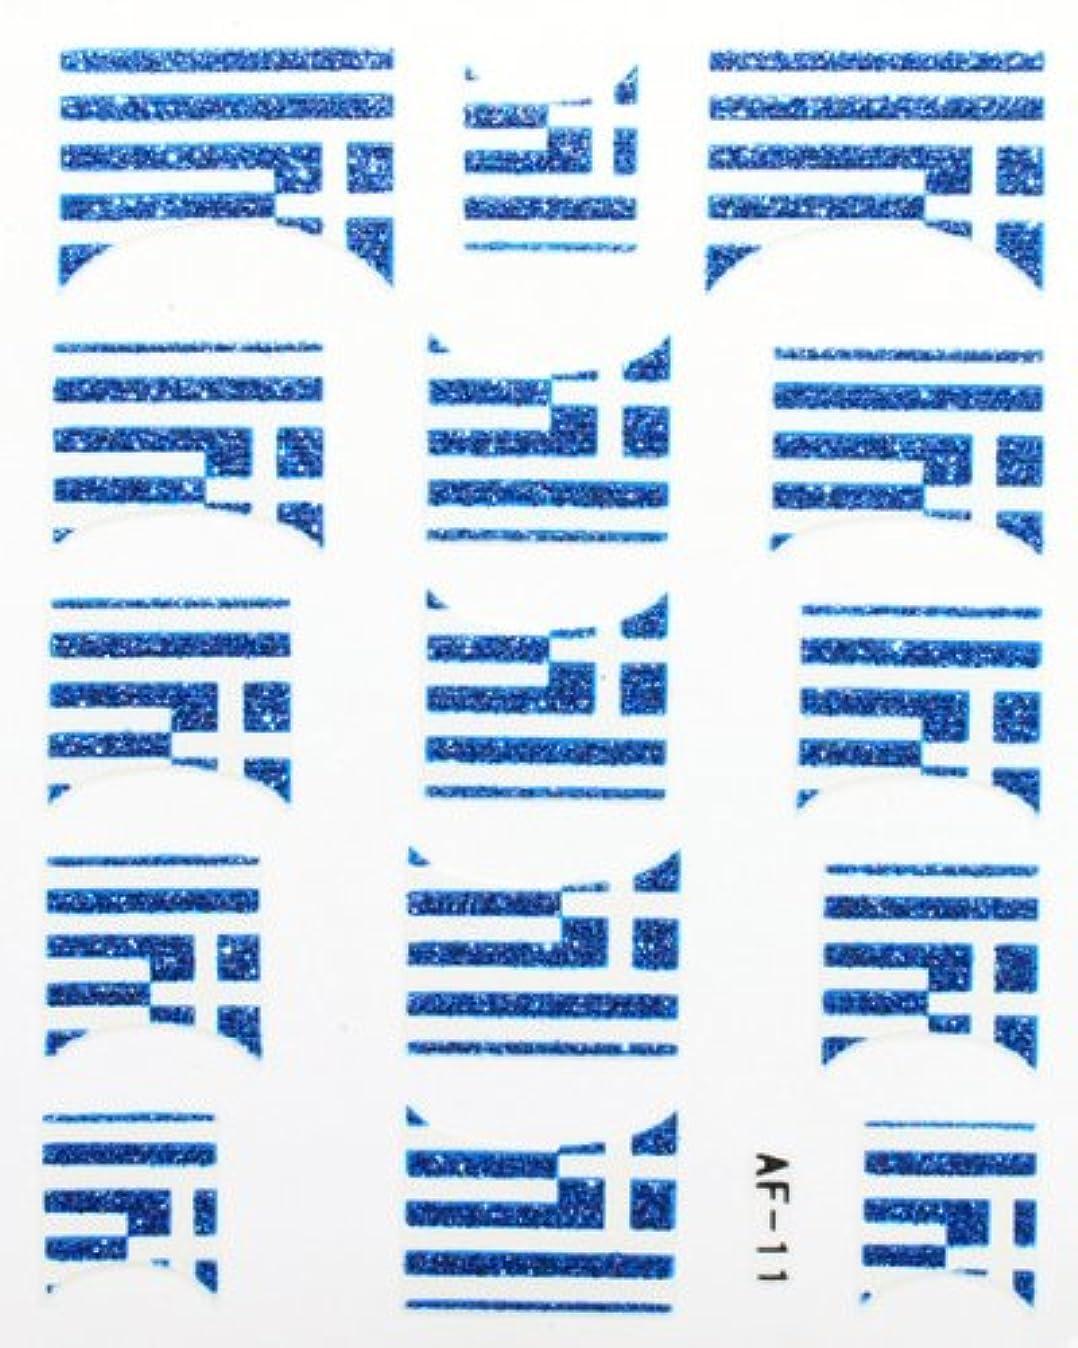 ペルメルリングレット認証きらきら逆フレンチネイルシール ギリシア国旗 AF011 貼るだけ ジェルネイルアート